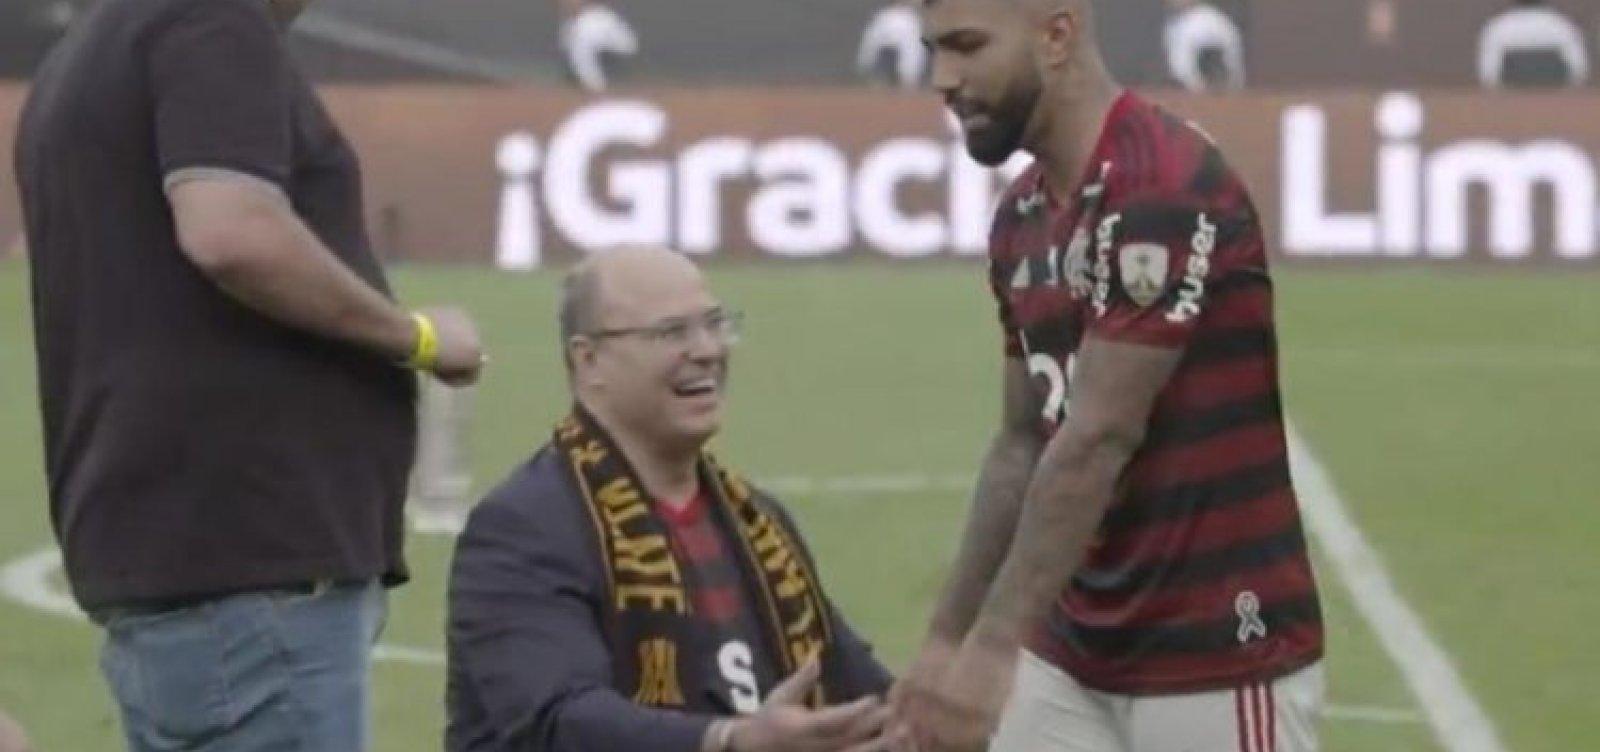 [Vídeo: Gabigol ignora Witzel na celebração do título do Flamengo]